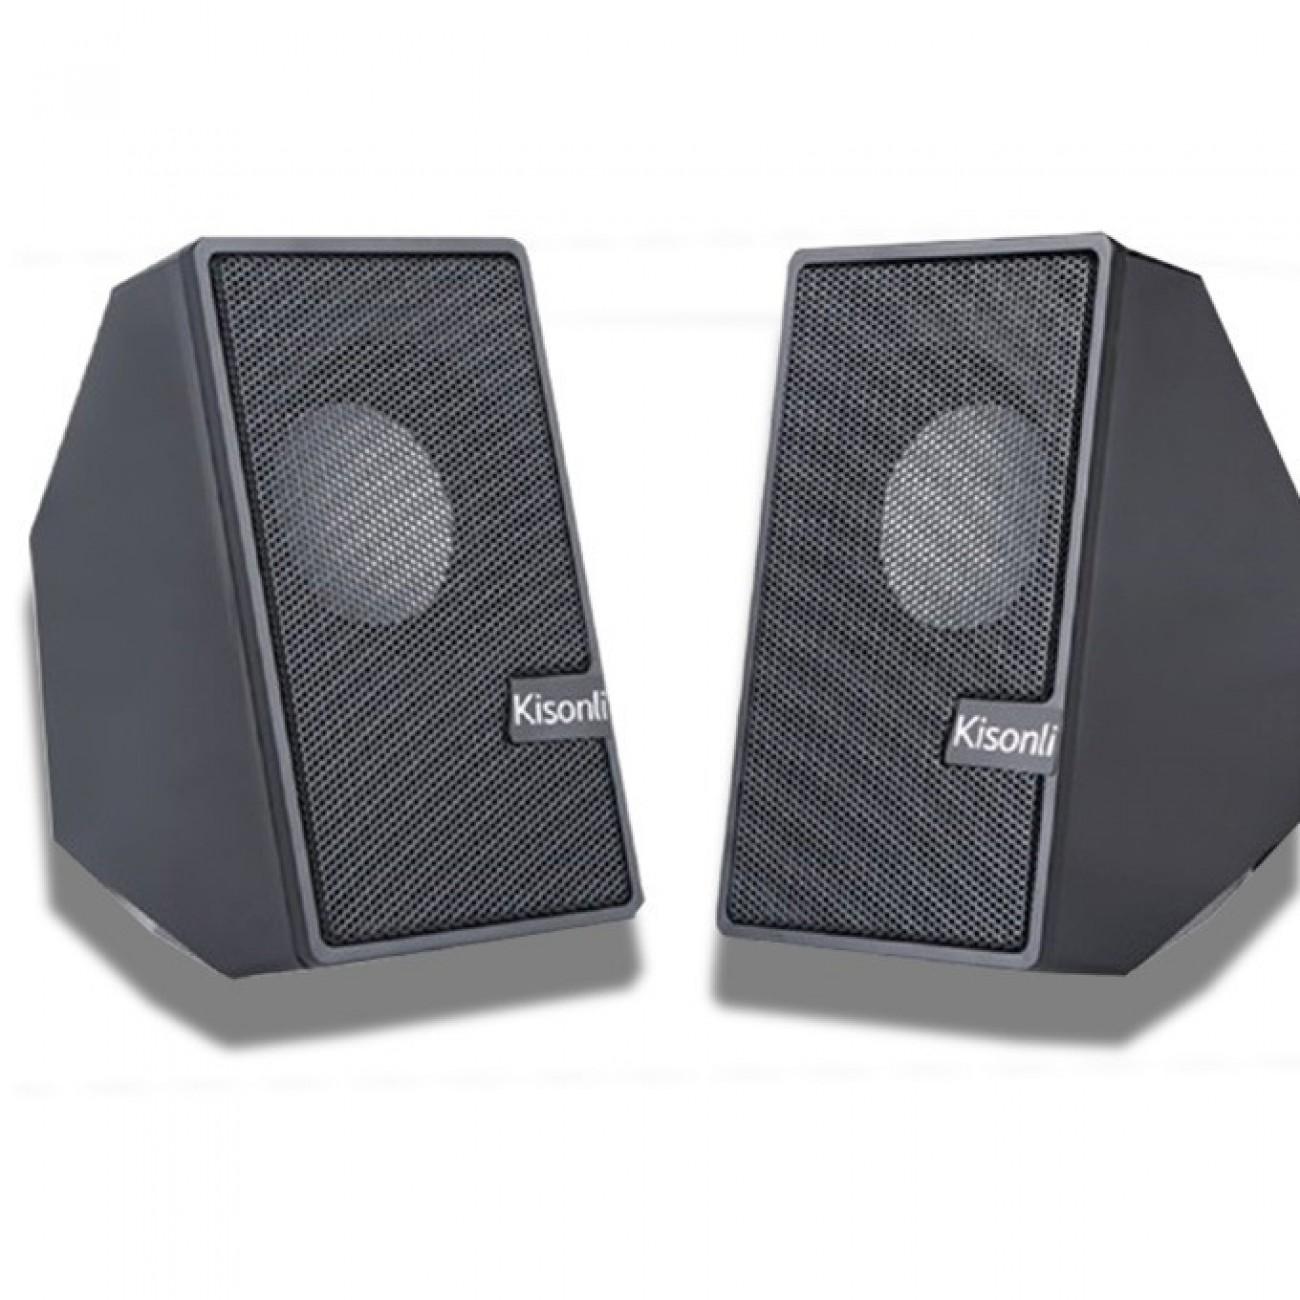 Тонколони Kisonli S-555, 2.0, 6W (2 x 3W), Bluetooth, черни, МP3 плейър в Колони -  | Alleop